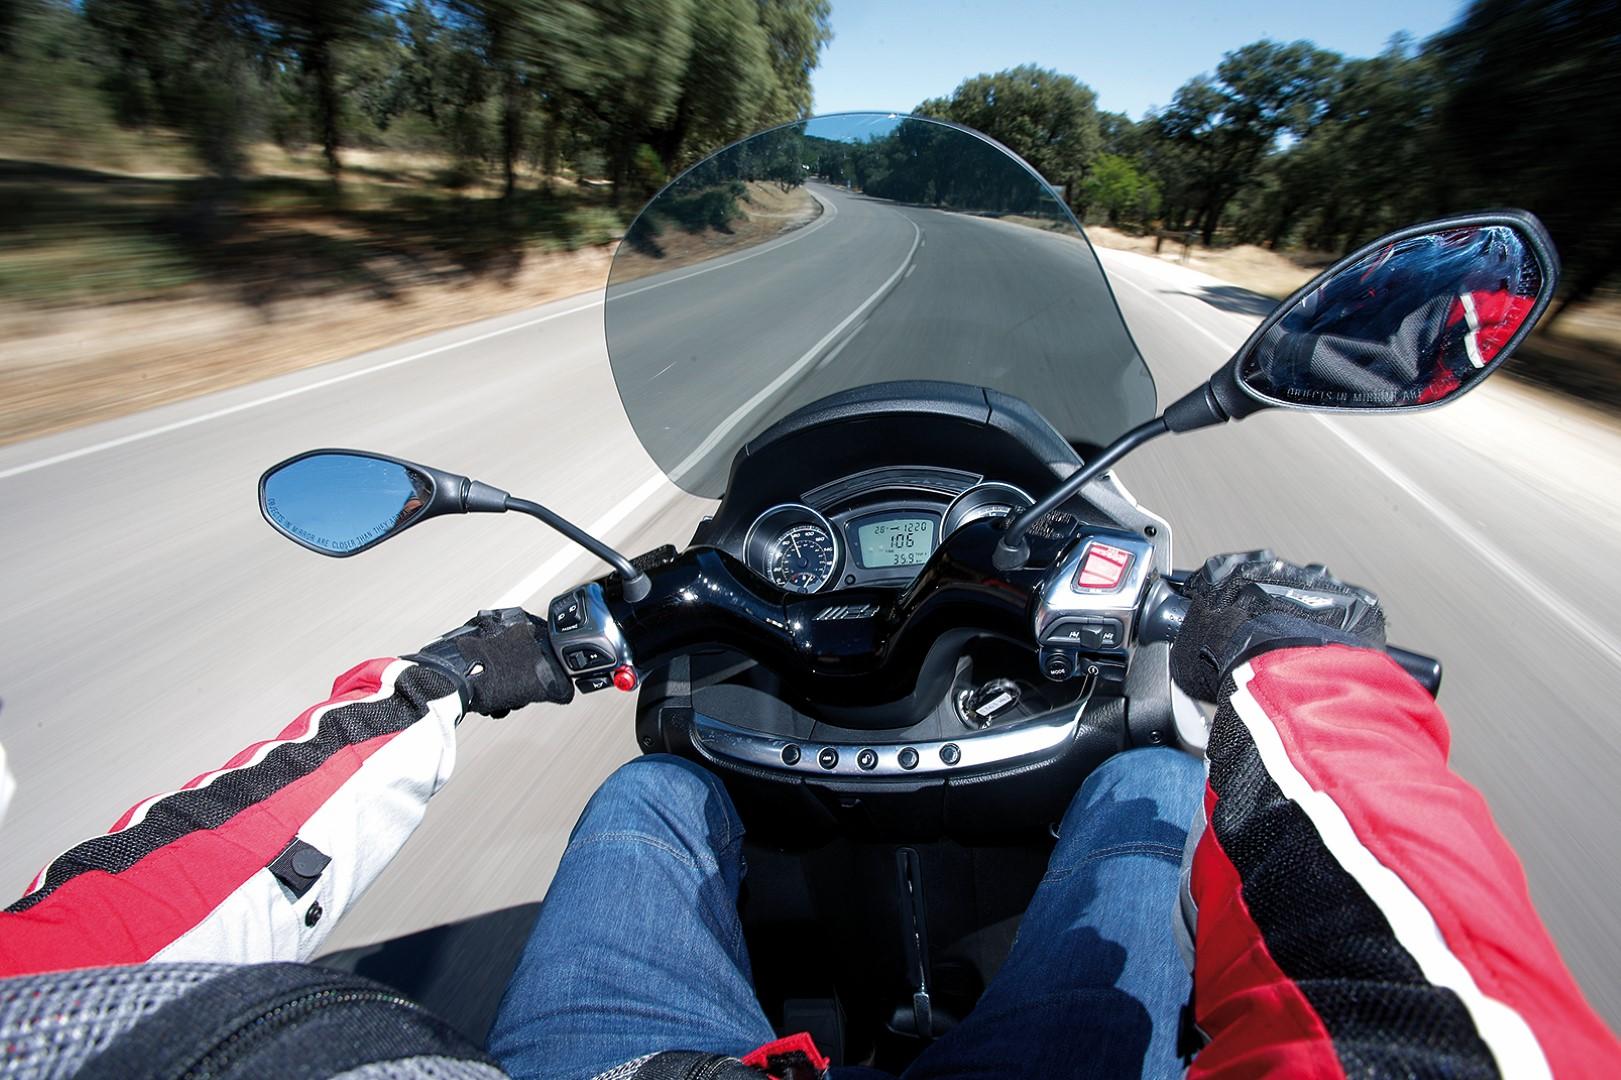 La DGT anuncia nuevas medidas para reducir la siniestralidad en carretera